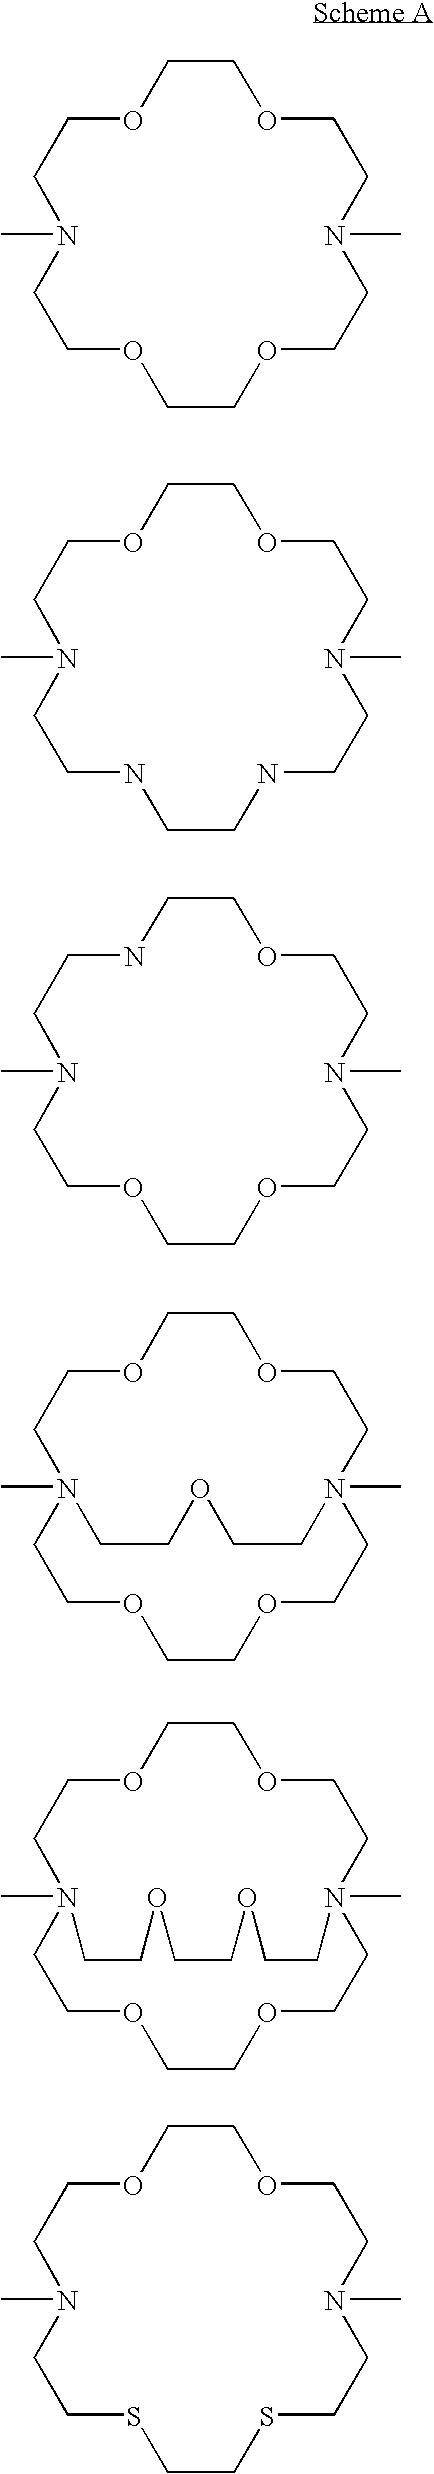 Figure US20050202273A1-20050915-C00007